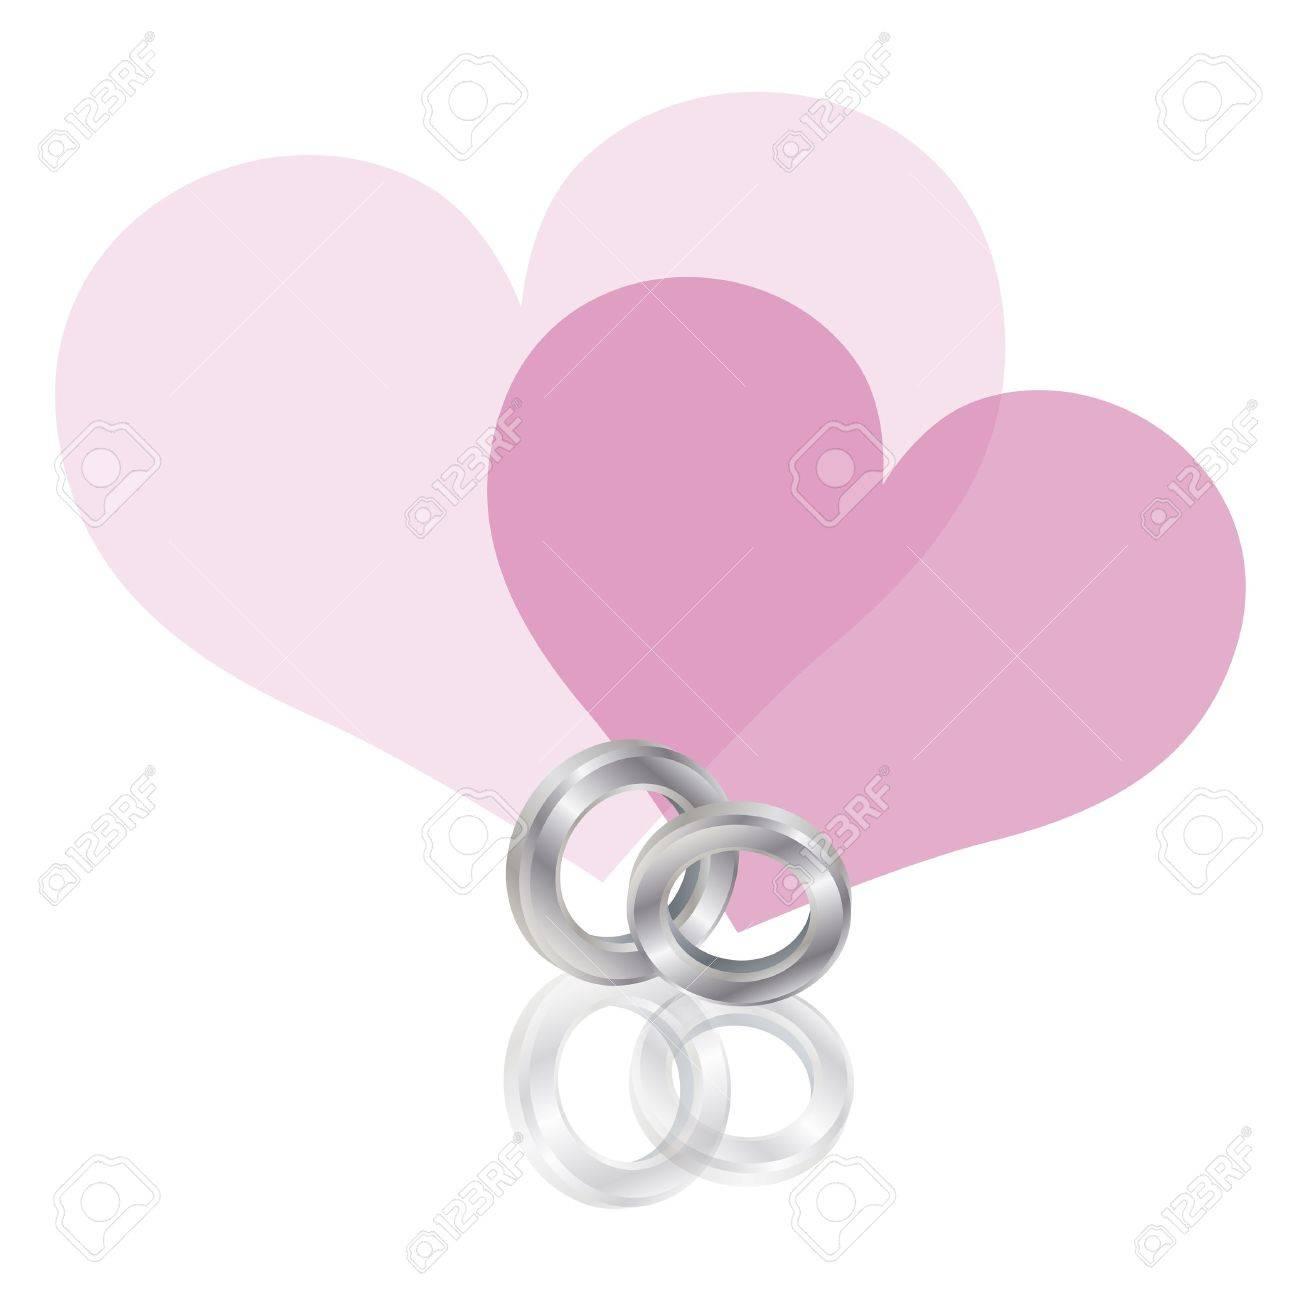 Band Platinum Wedding Rings Avec Des Coeurs Couple Rose Isolé Sur ...